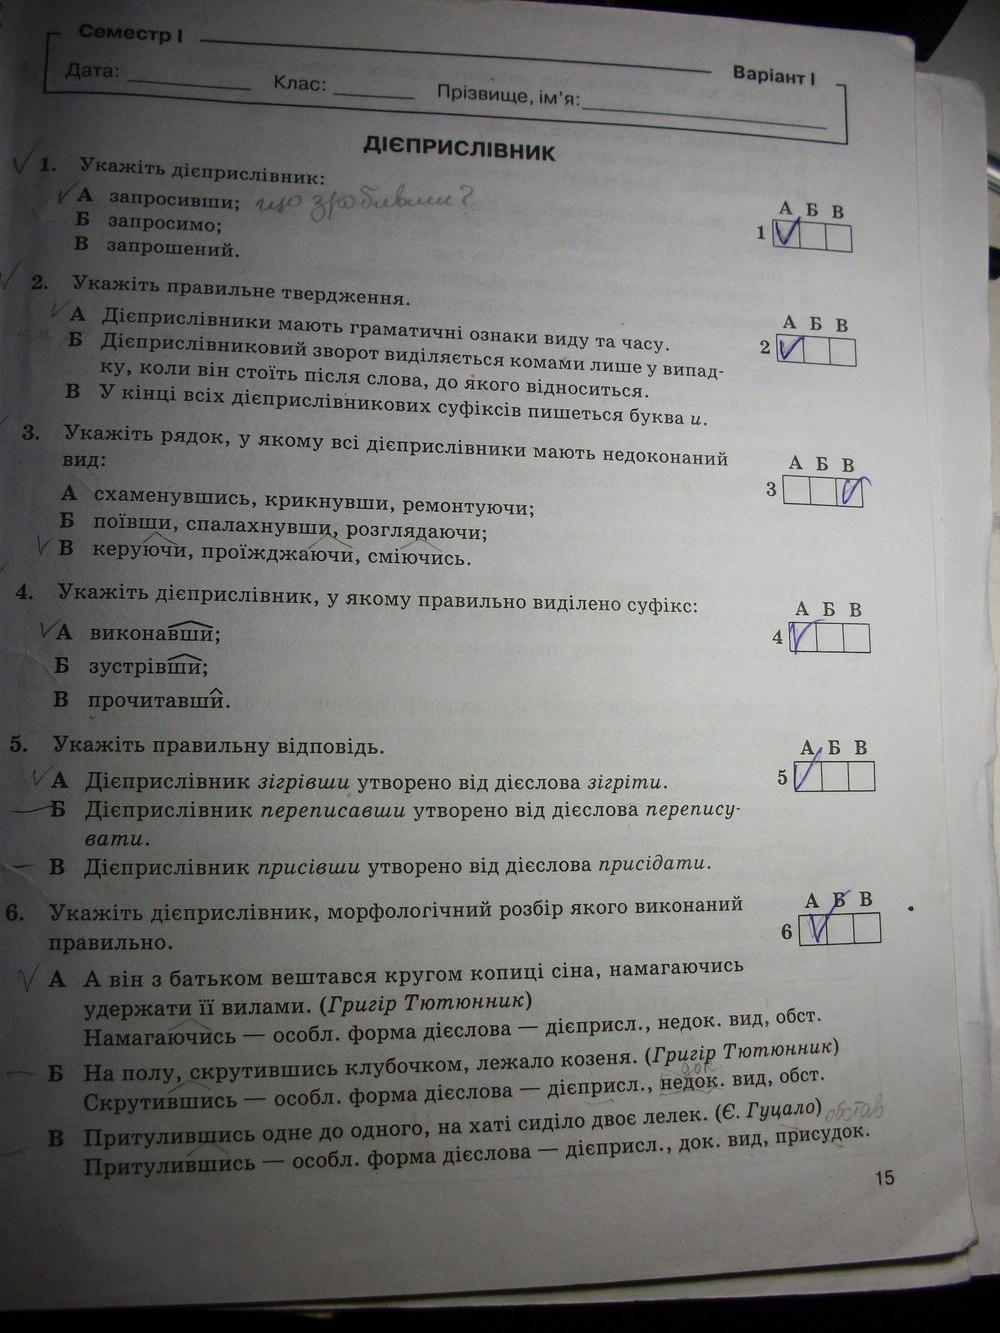 Гдз по укр мове 8 класс жовтобрюх